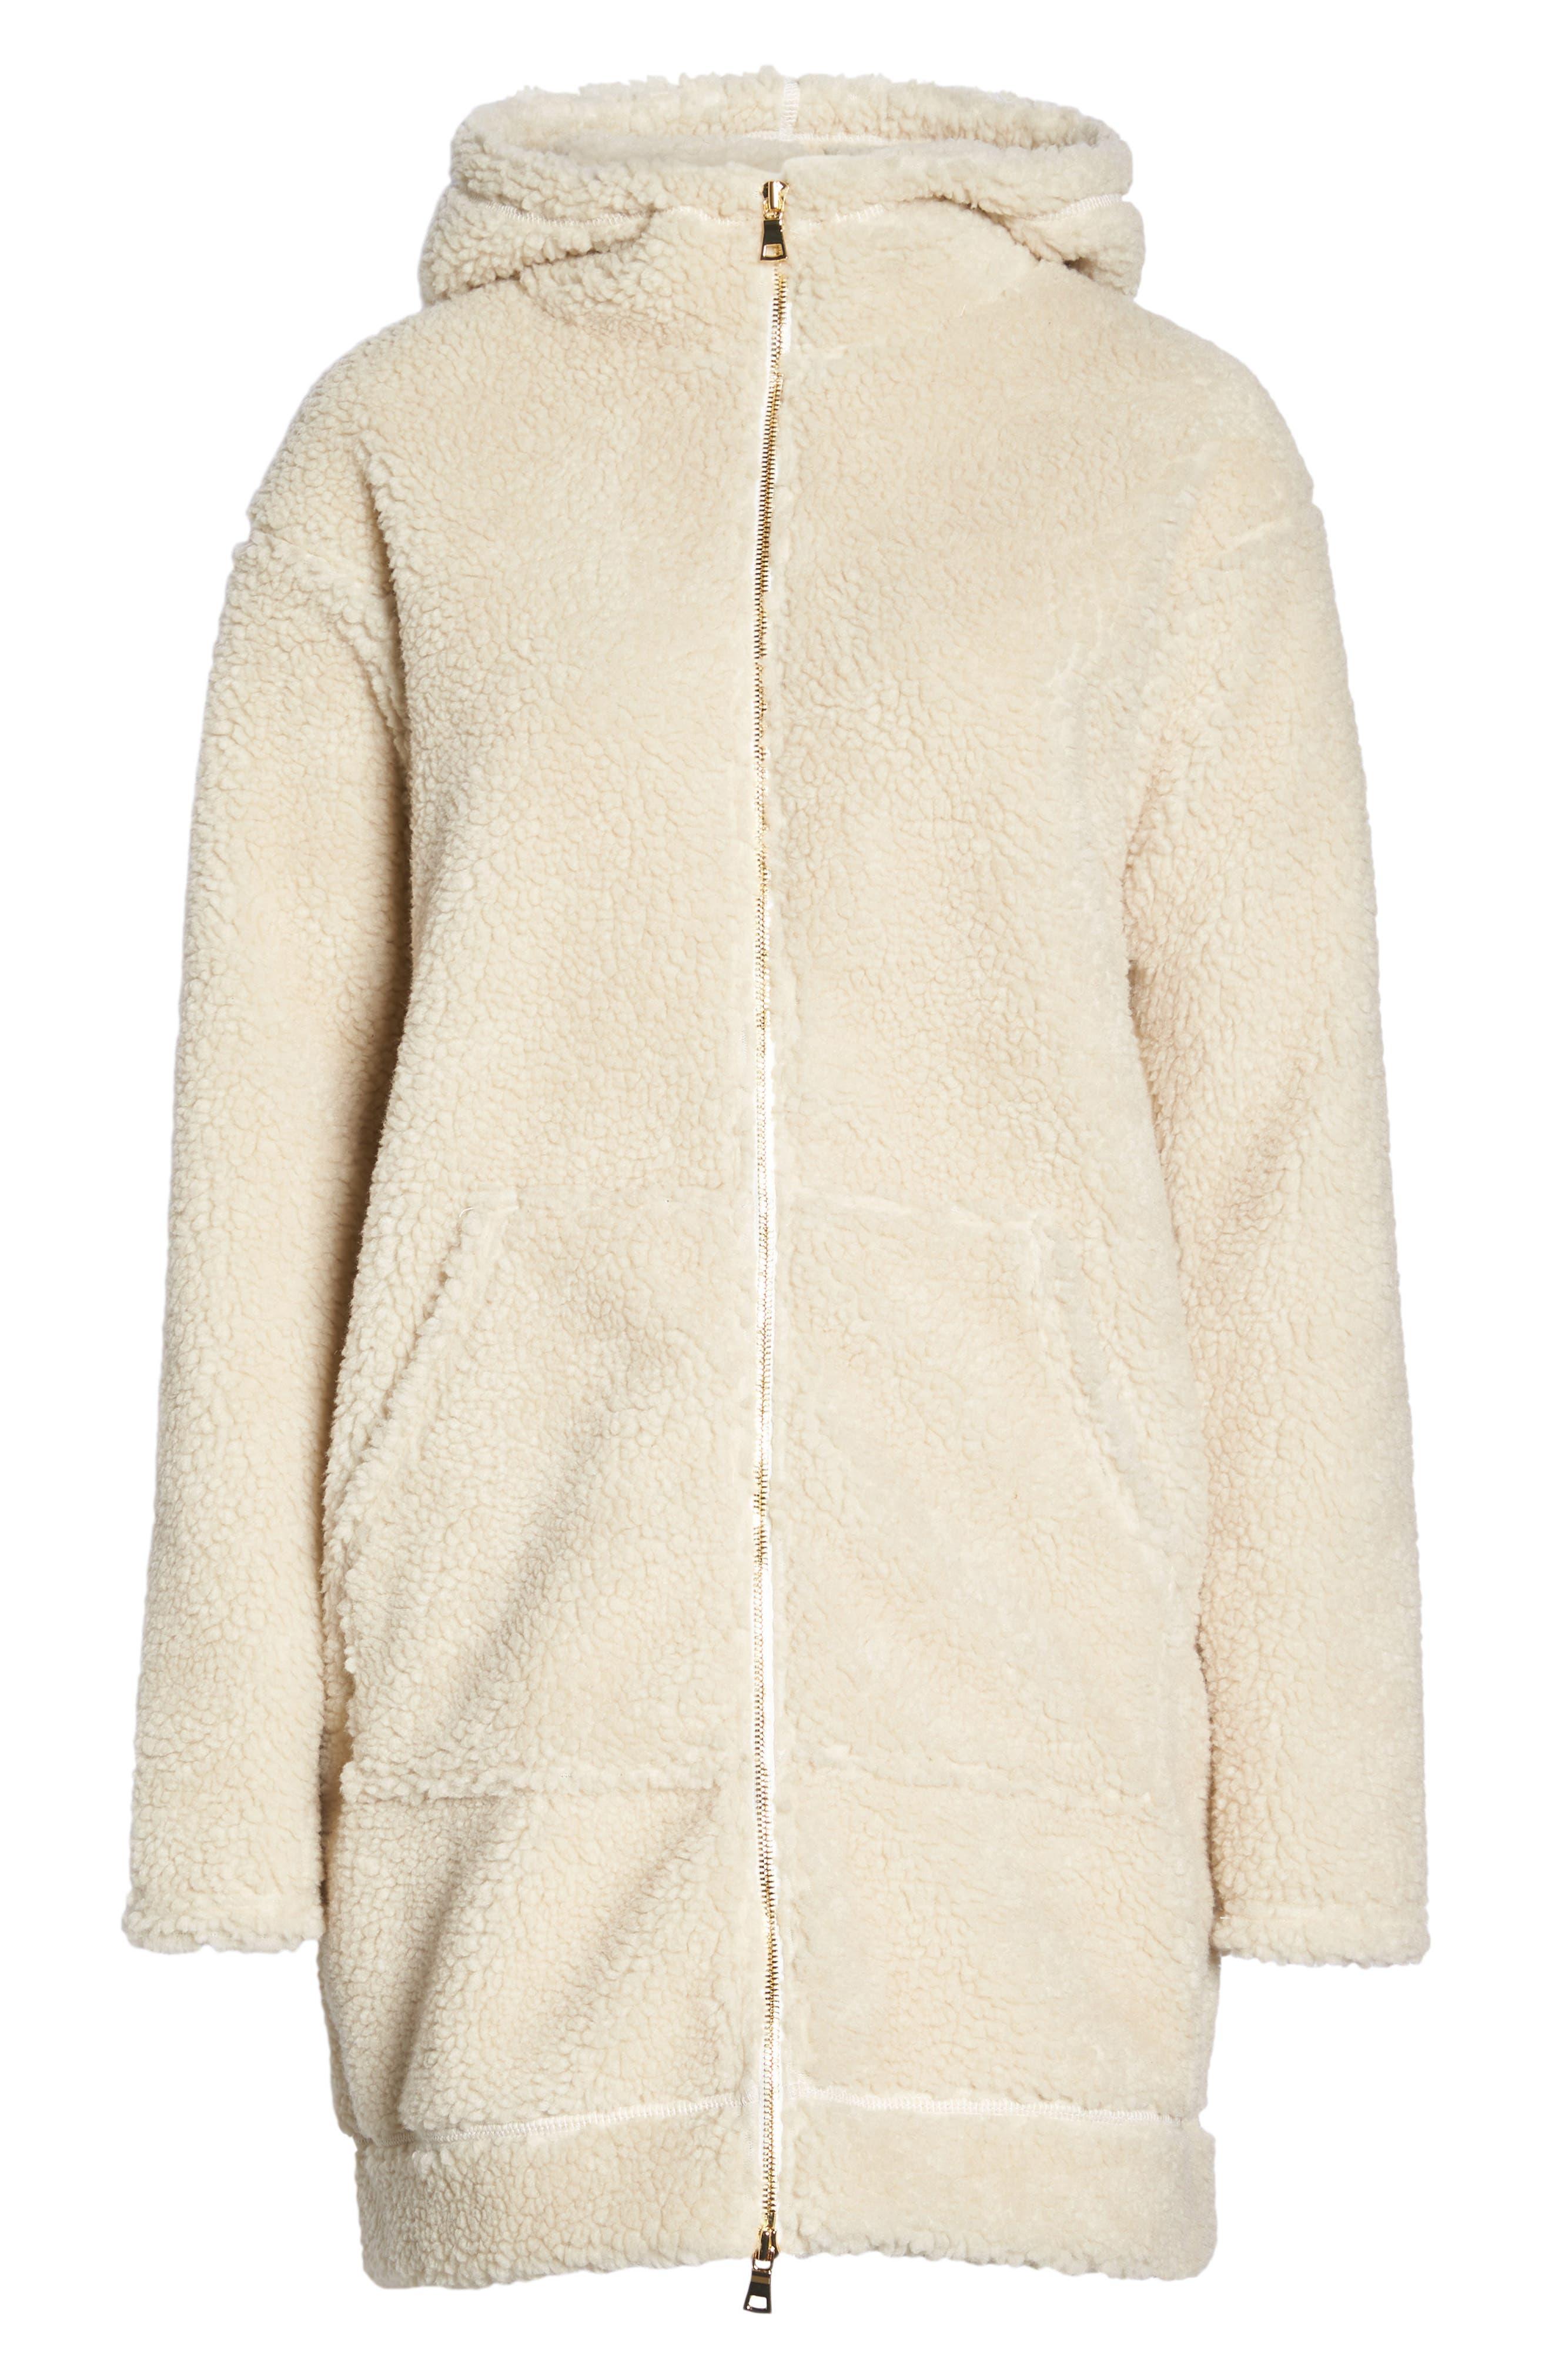 Brea Fleece Jacket,                             Alternate thumbnail 7, color,                             Natural